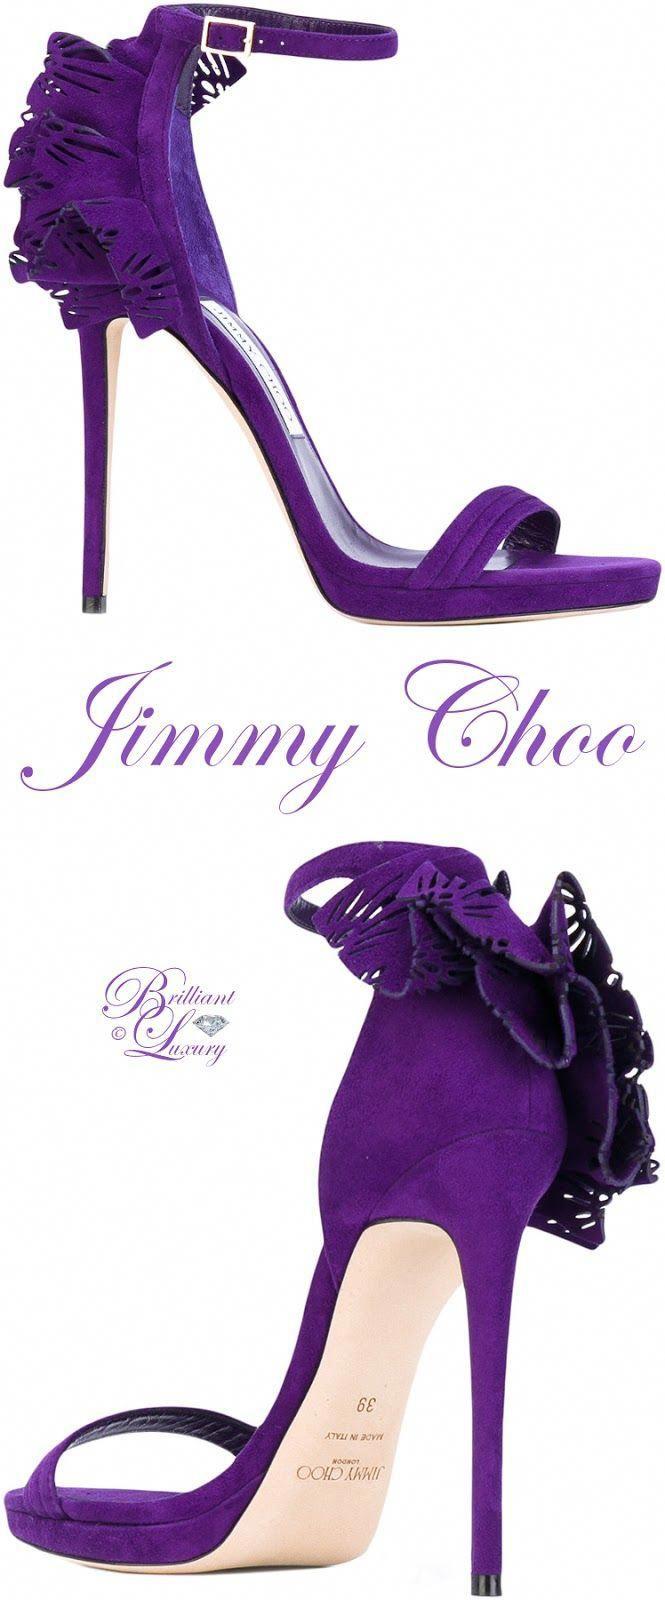 71f55321ce8 Brilliant Luxury by Emmy DE ♢ Jimmy Choo Kelly Sandals  Stilettoheels